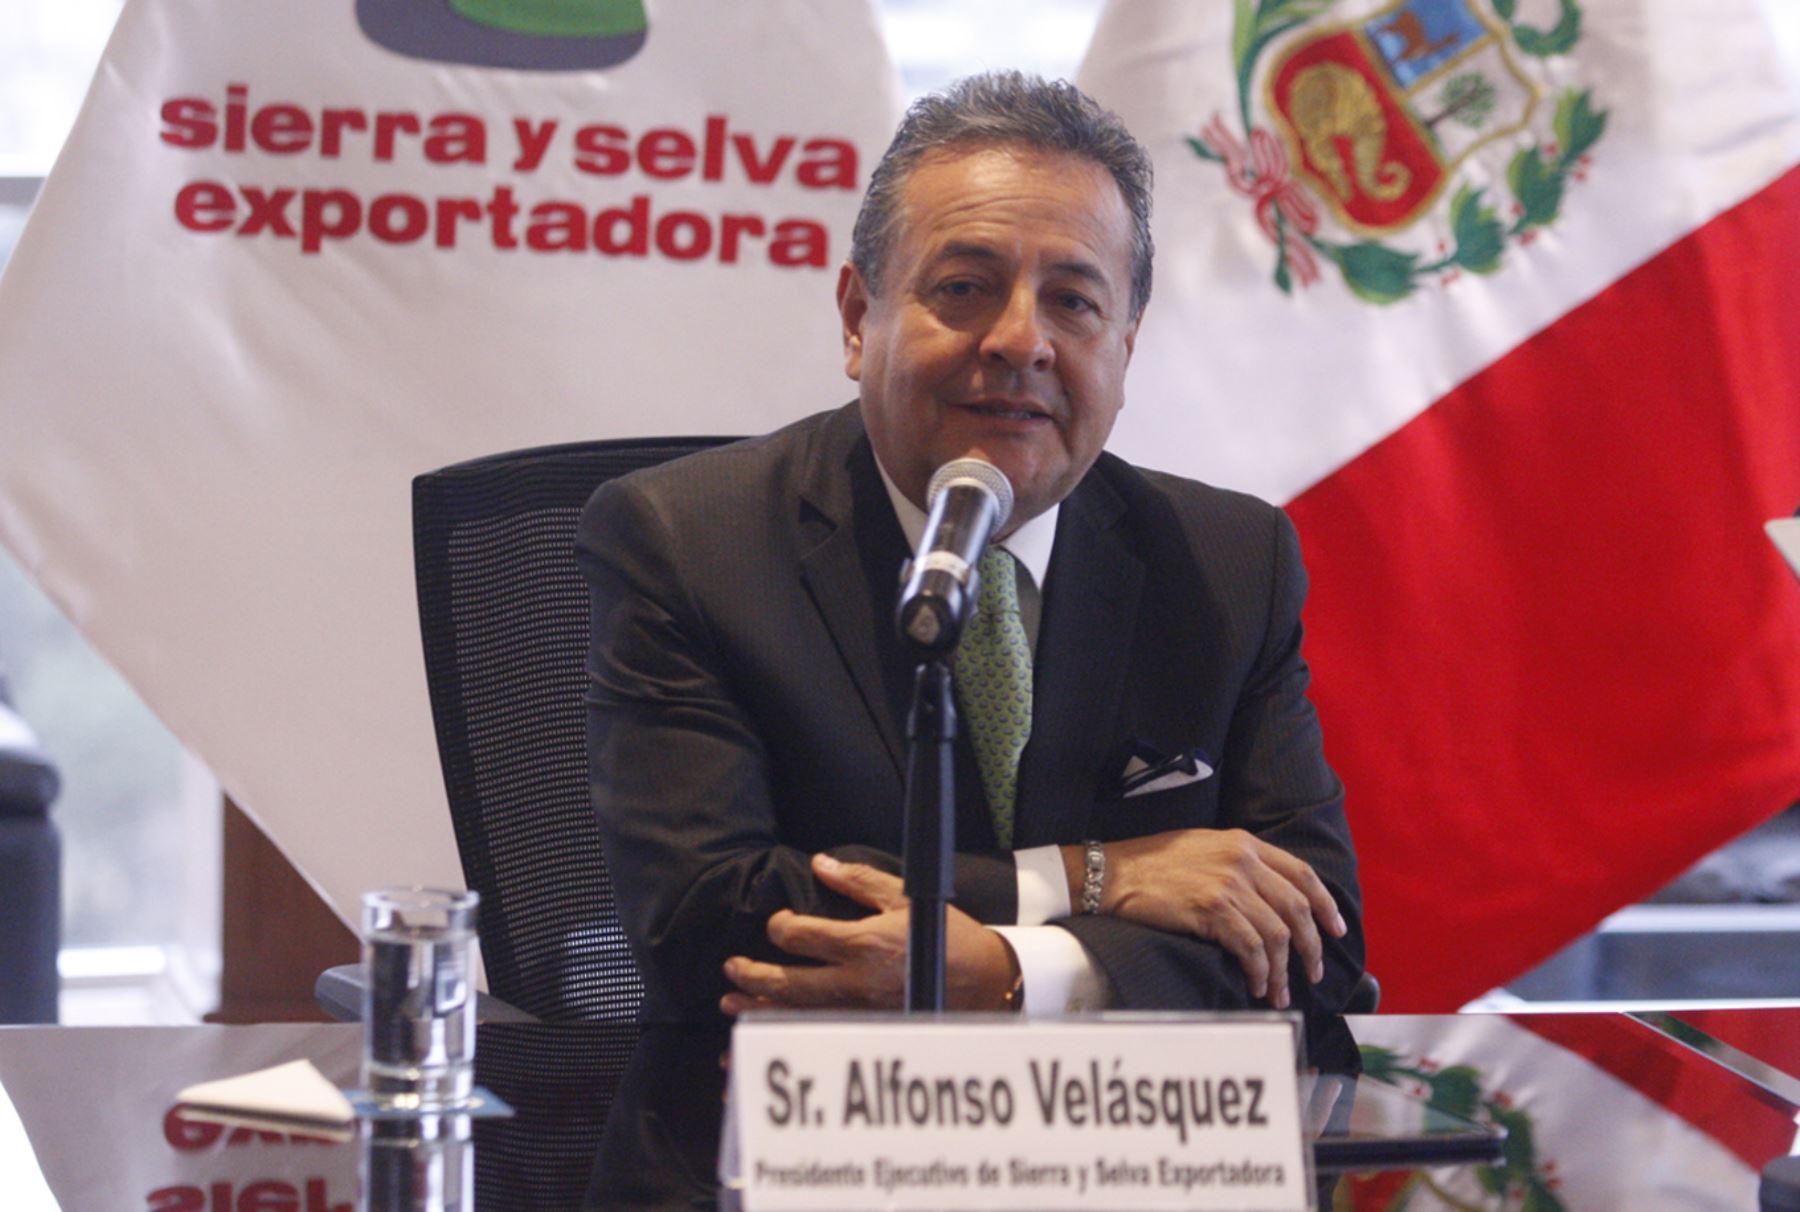 Presidente ejecutivo de Sierra y Selva Exportadora, Alfonso Velásquez. ANDINA/Eddy Ramos